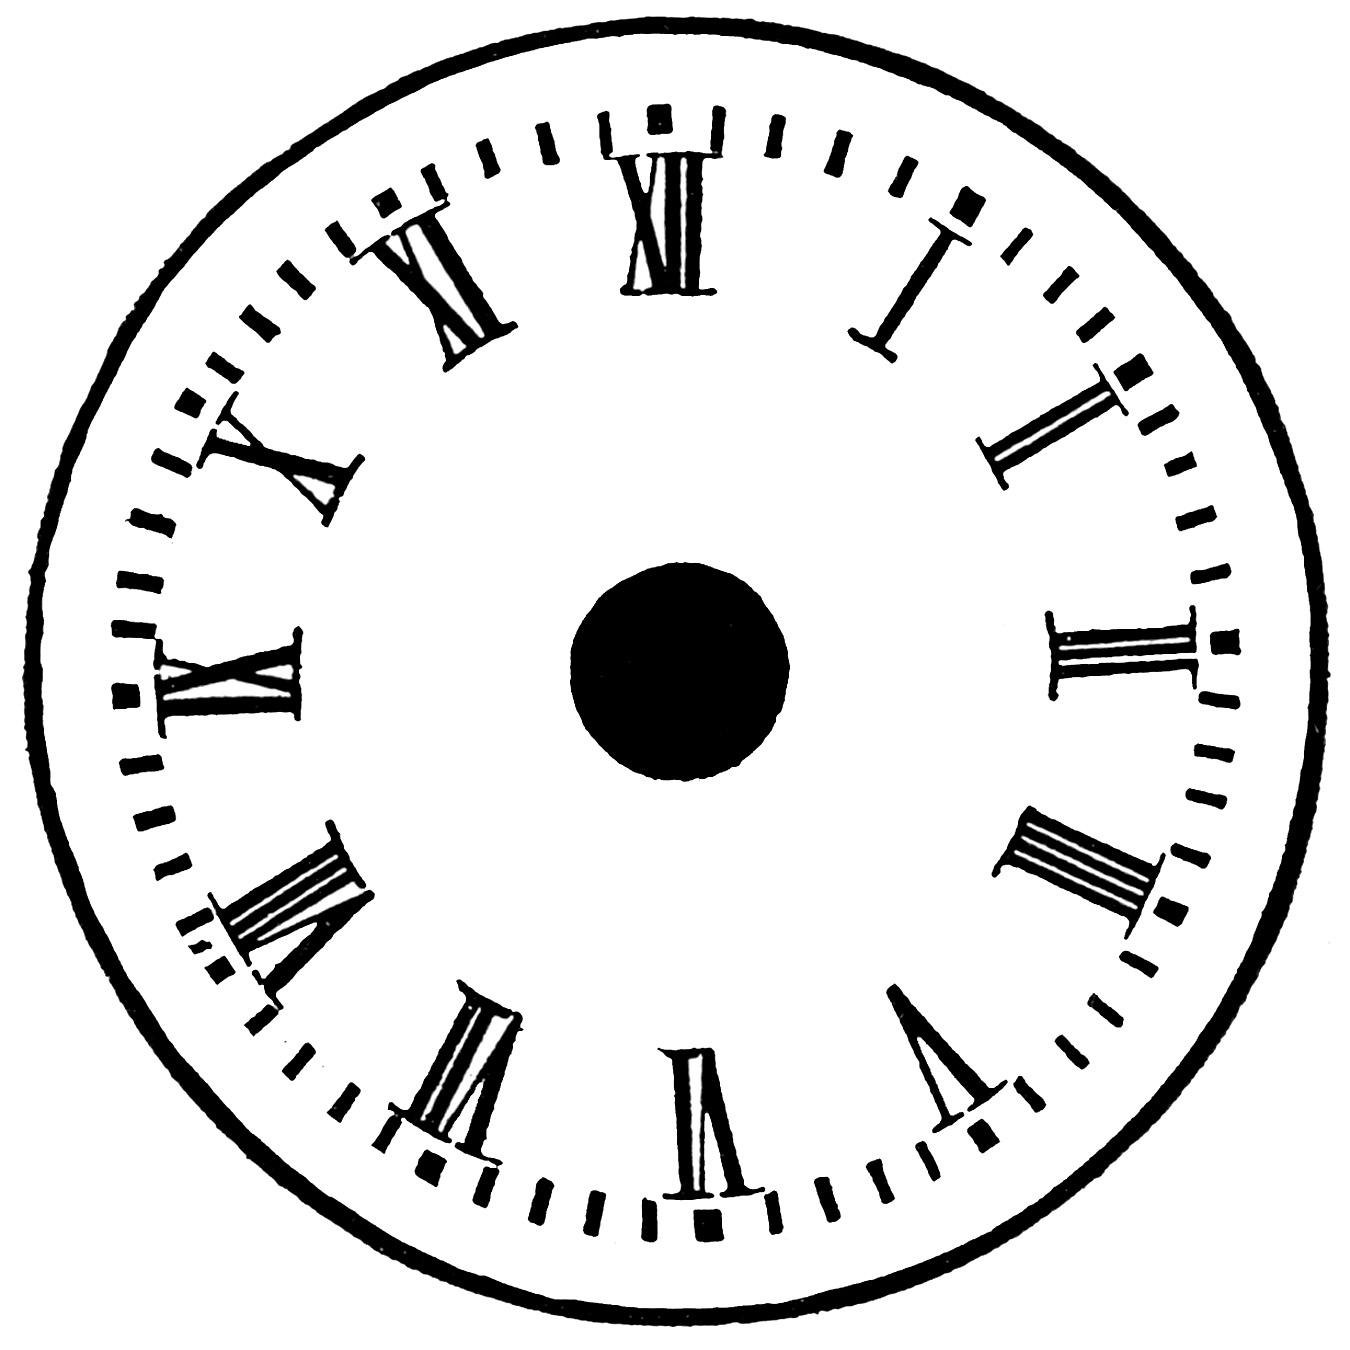 Blankogue Clock Faces